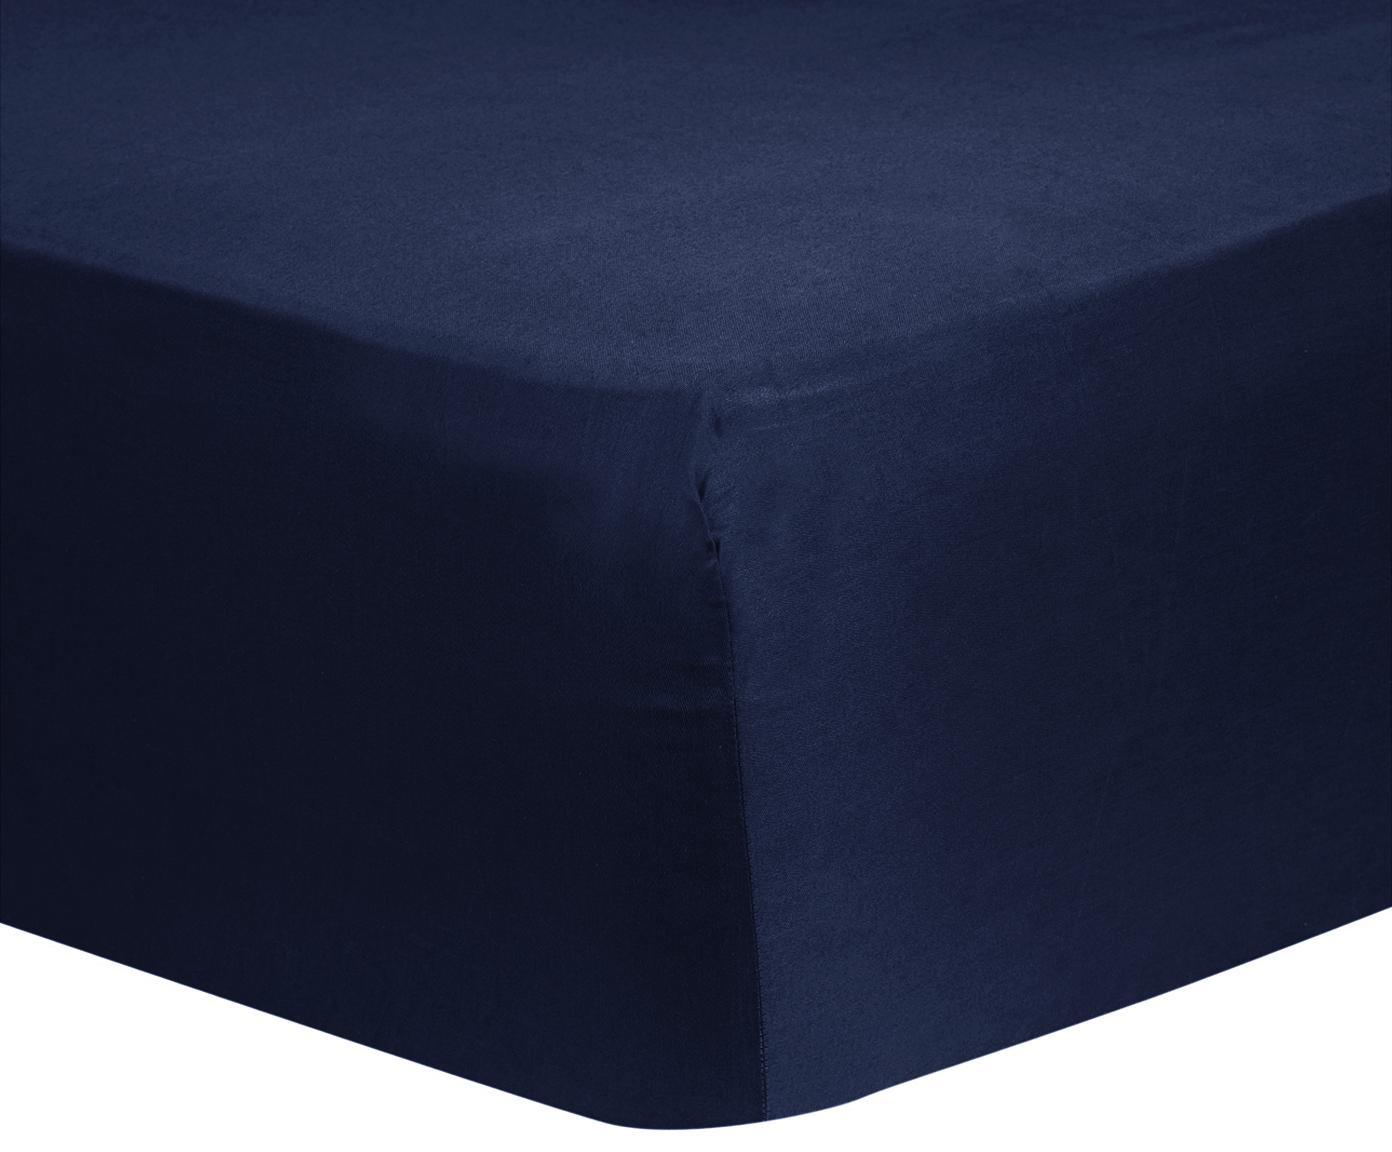 Spannbettlaken Comfort, Baumwollsatin, Webart: Satin, leicht glänzend, Dunkelblau, 90 x 200 cm